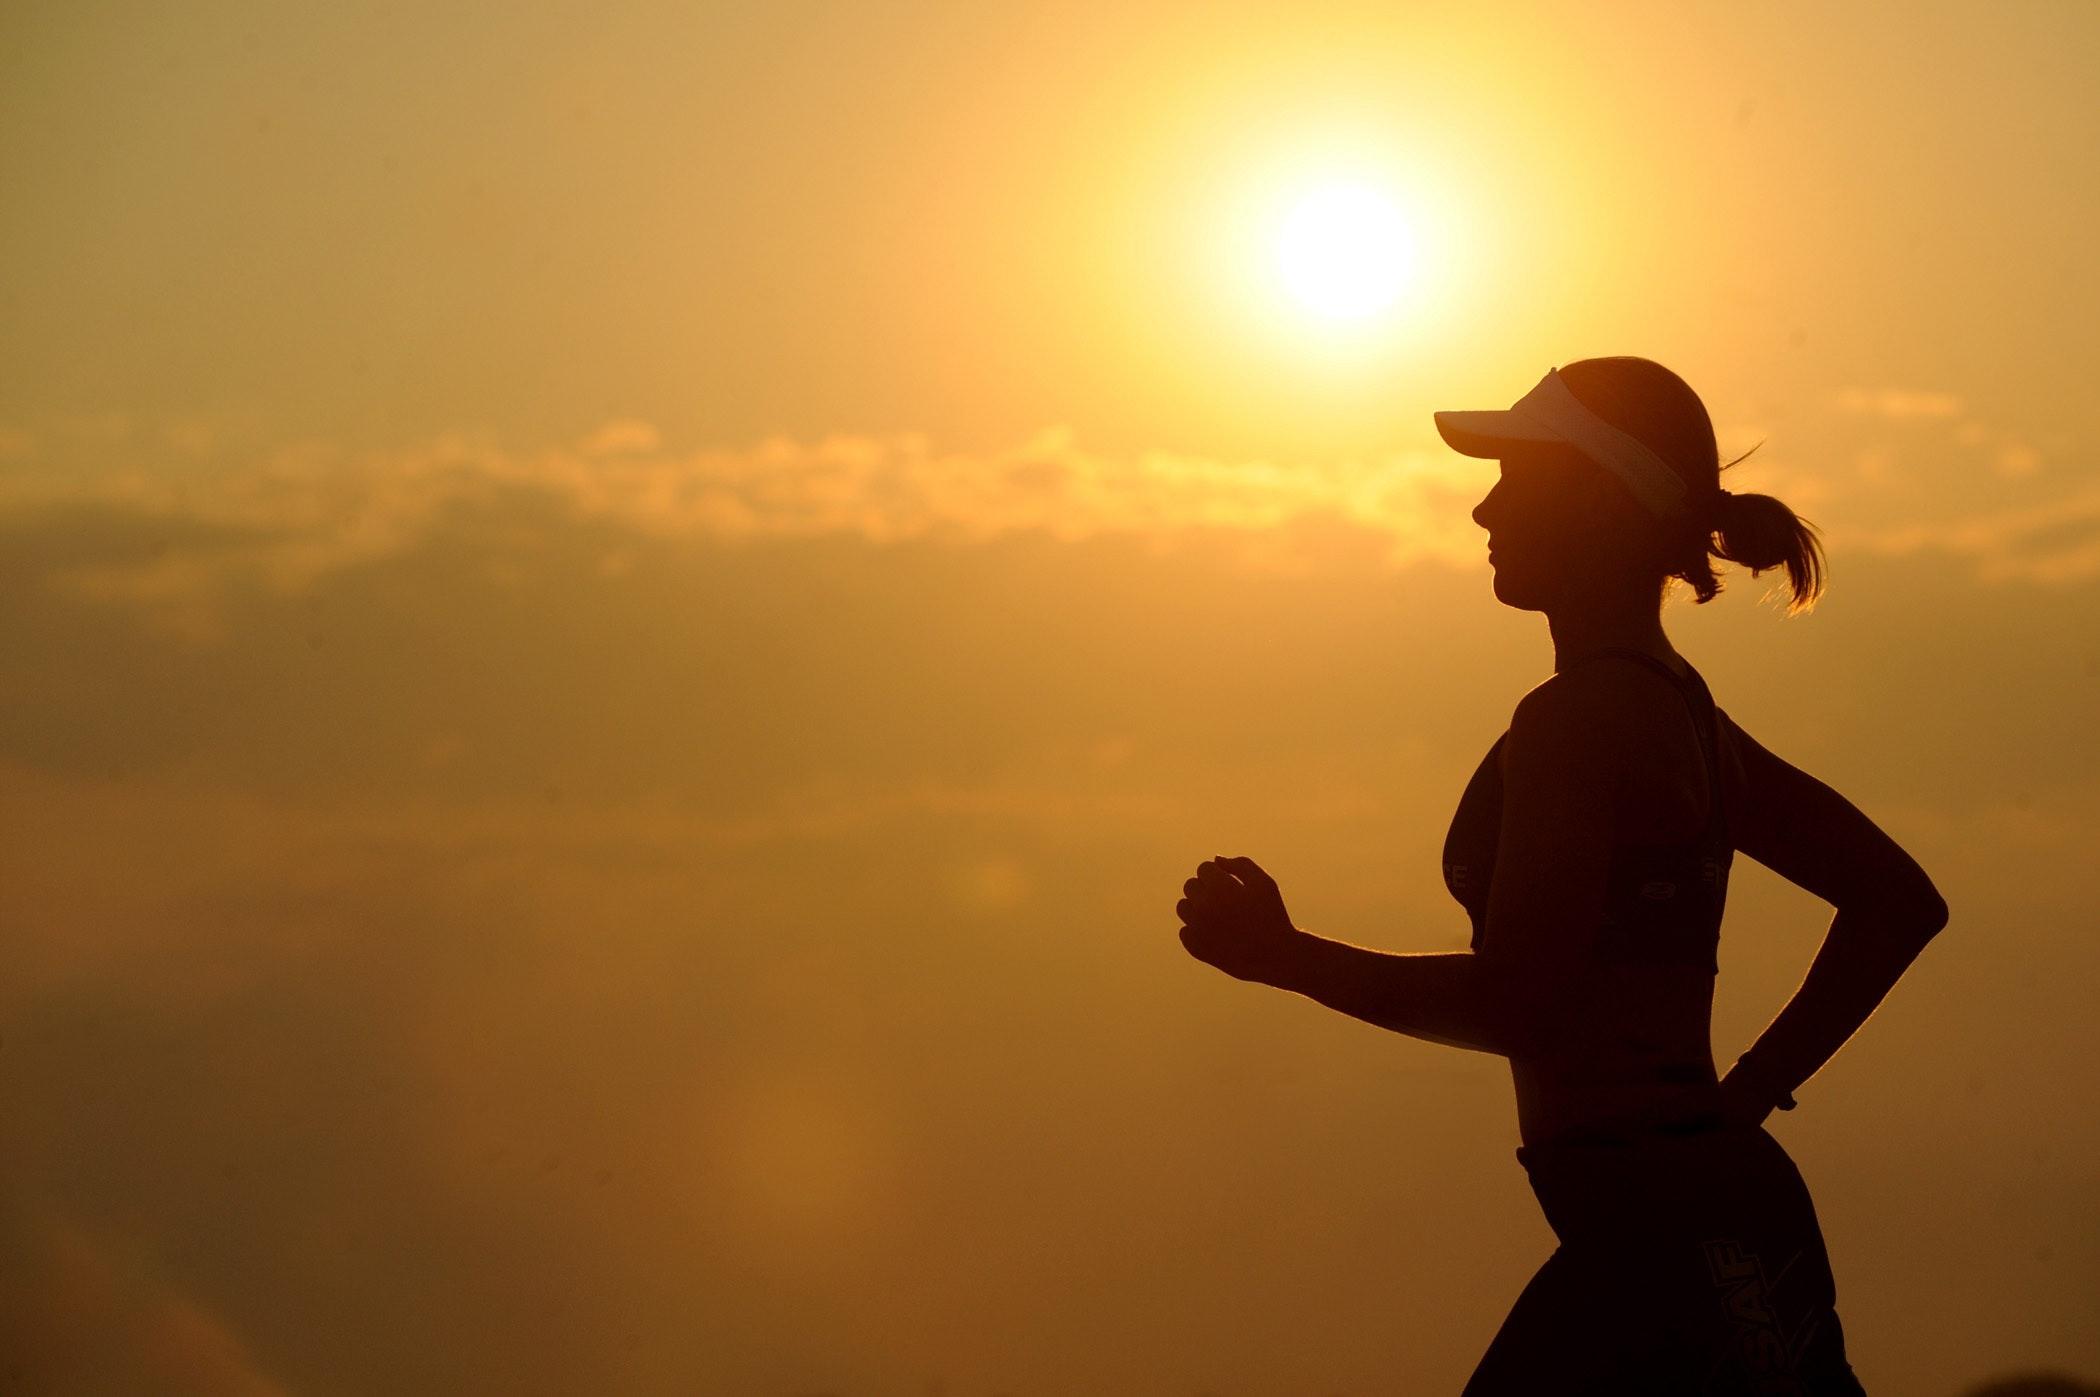 7 خطوات نحو الرشاقة واللياقة